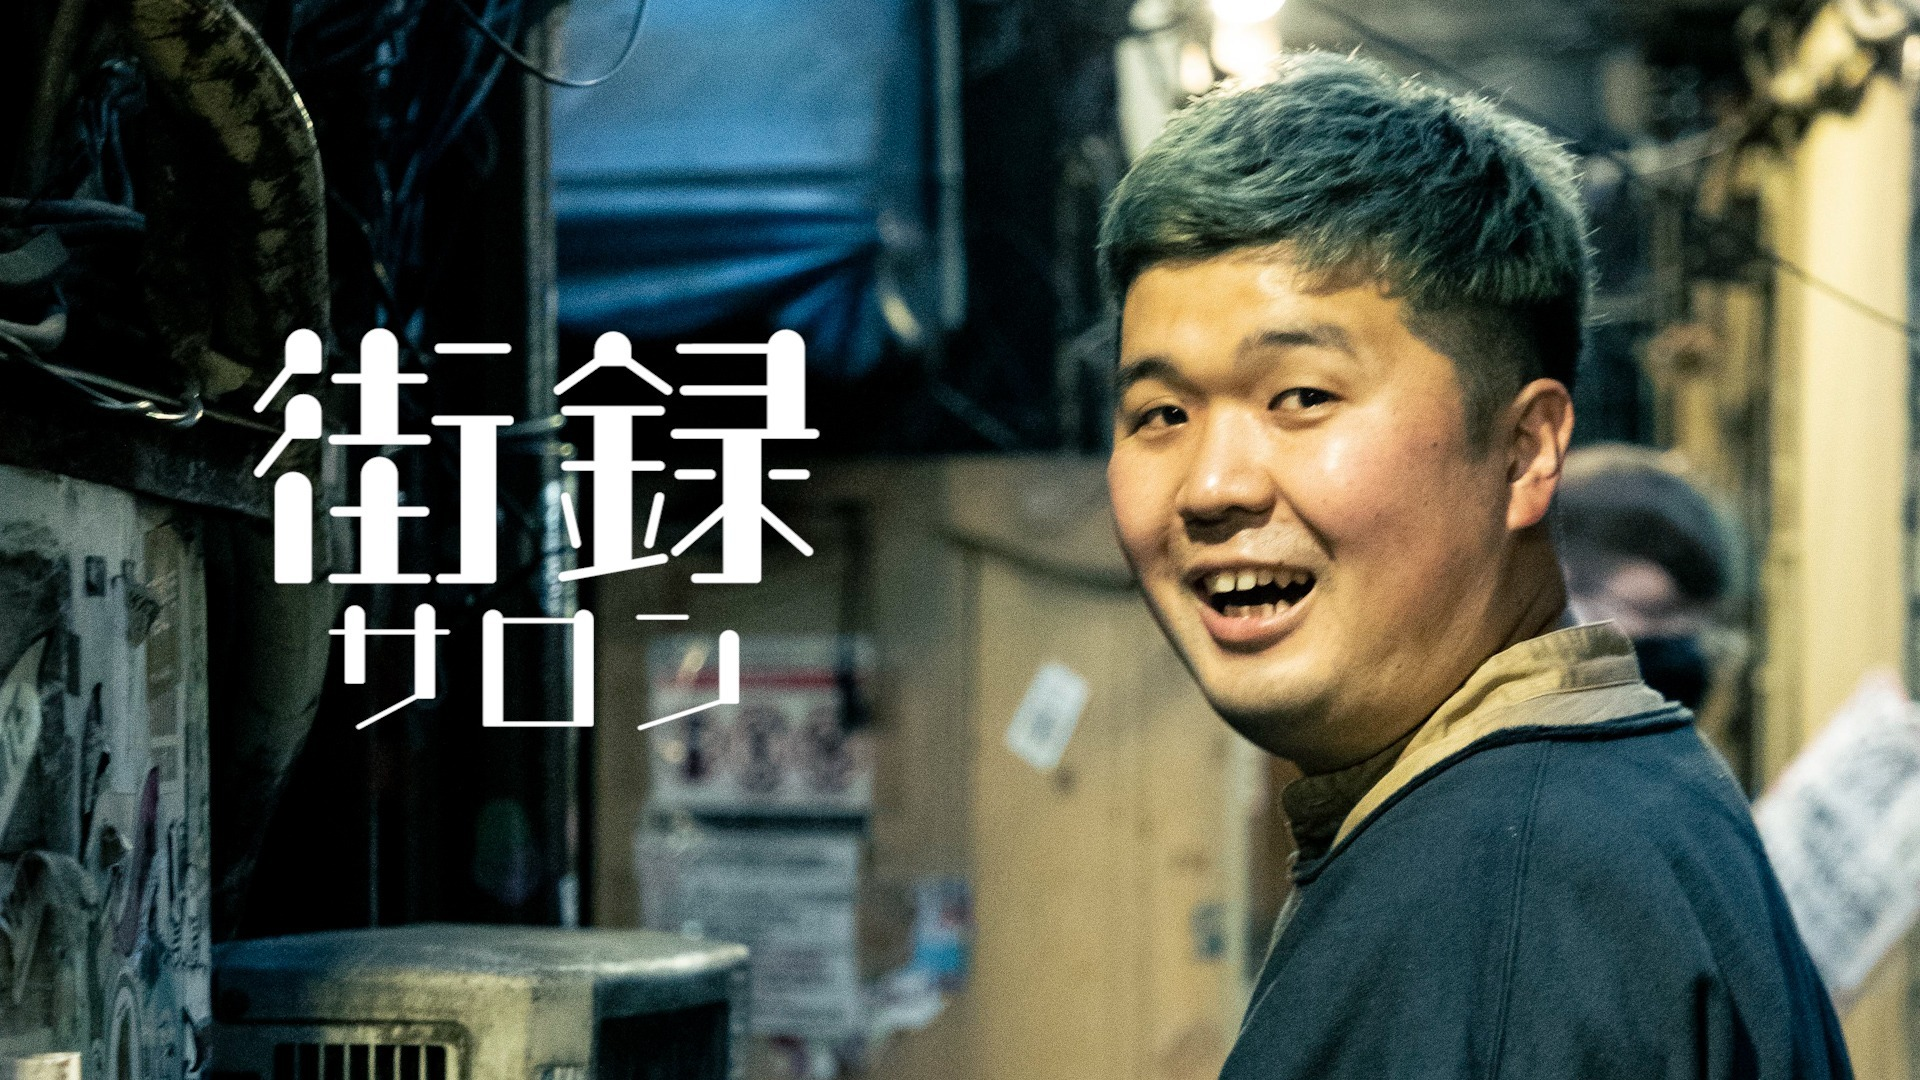 ディレクター三谷三四郎の街録サロン